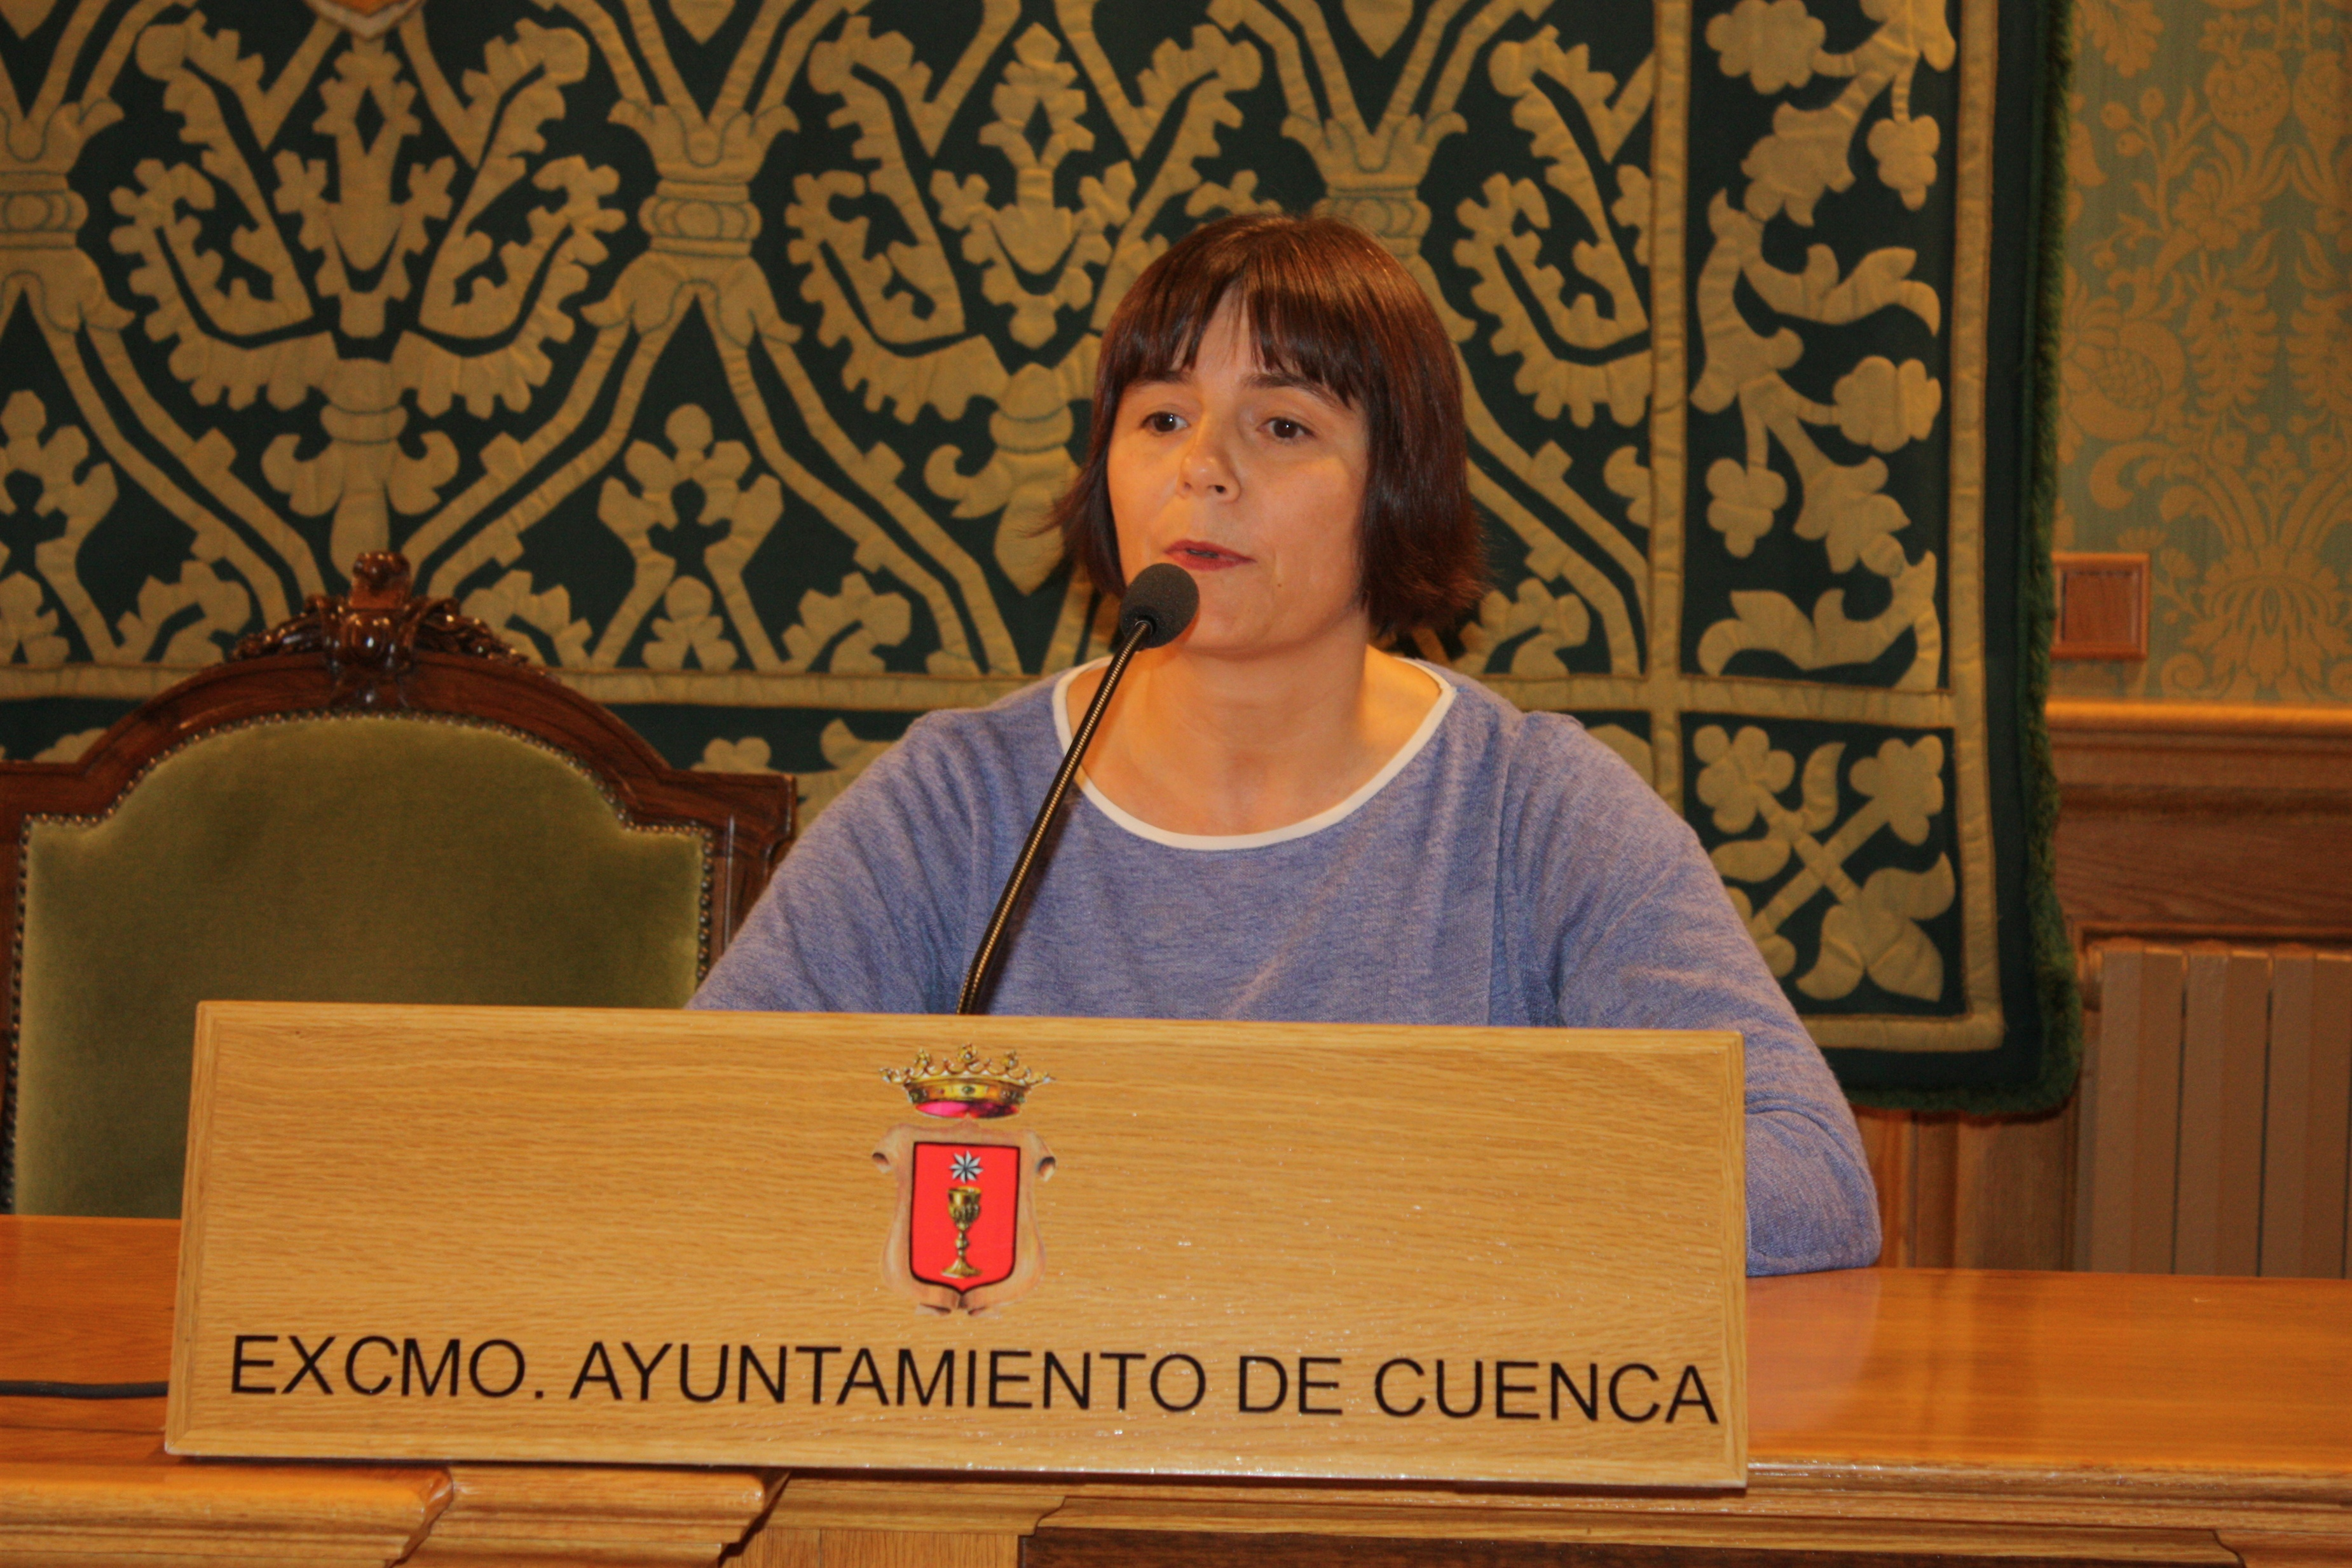 Ayuntamiento Cuenca lamenta que los trabajadores se manifiesten porque se va a consultar una decisión que les afecta